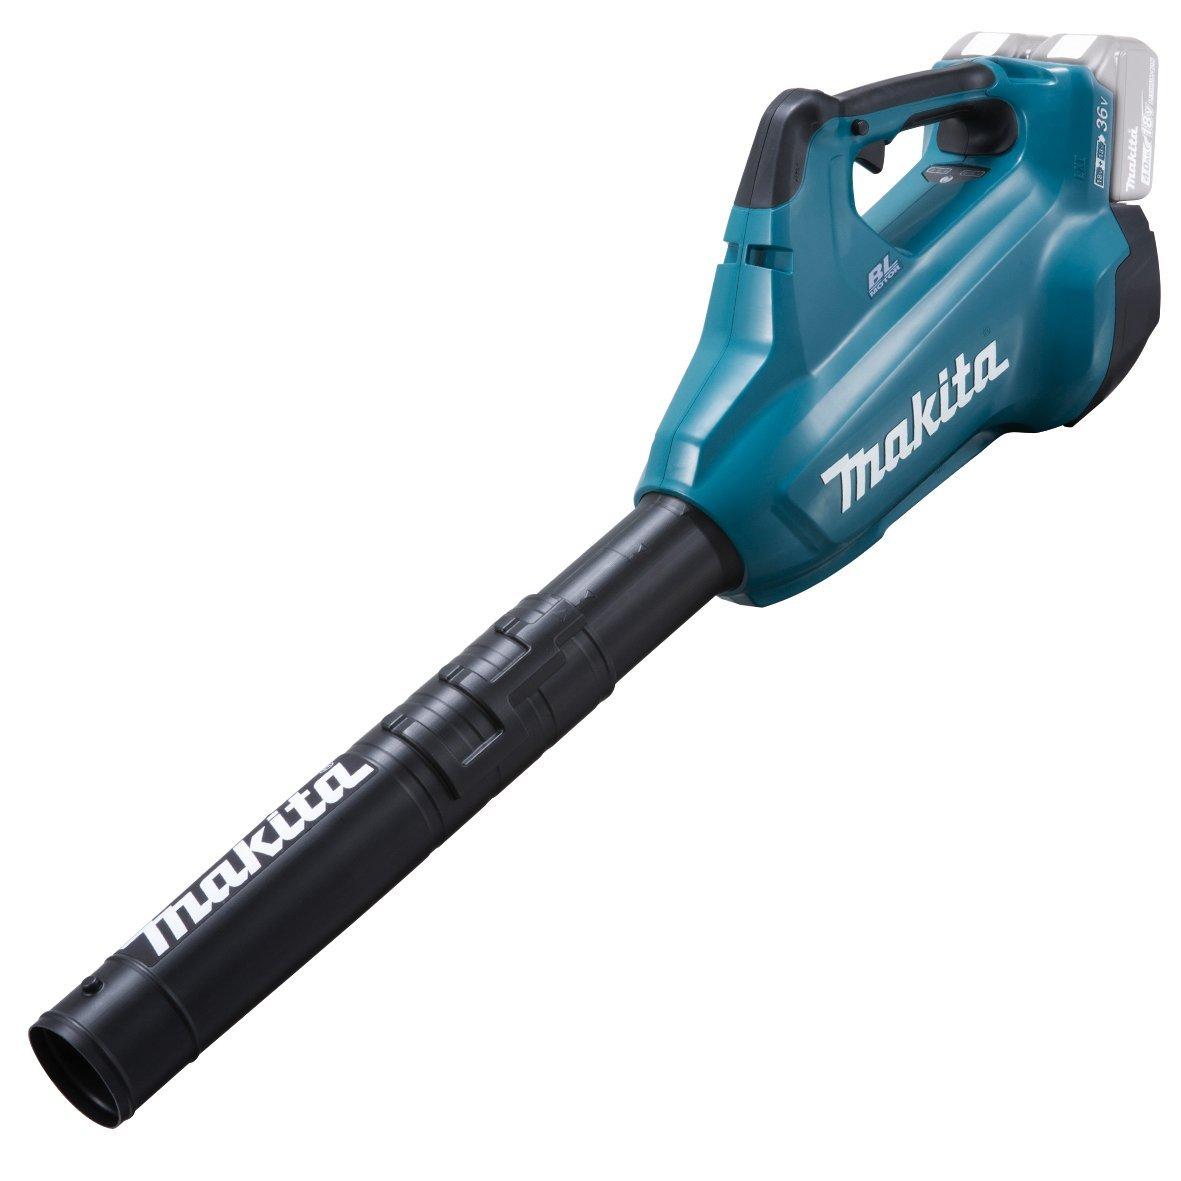 Makita Cordless blower DUB362Z, 2x 18 volt (bez akumulatoriem un lādētāja)